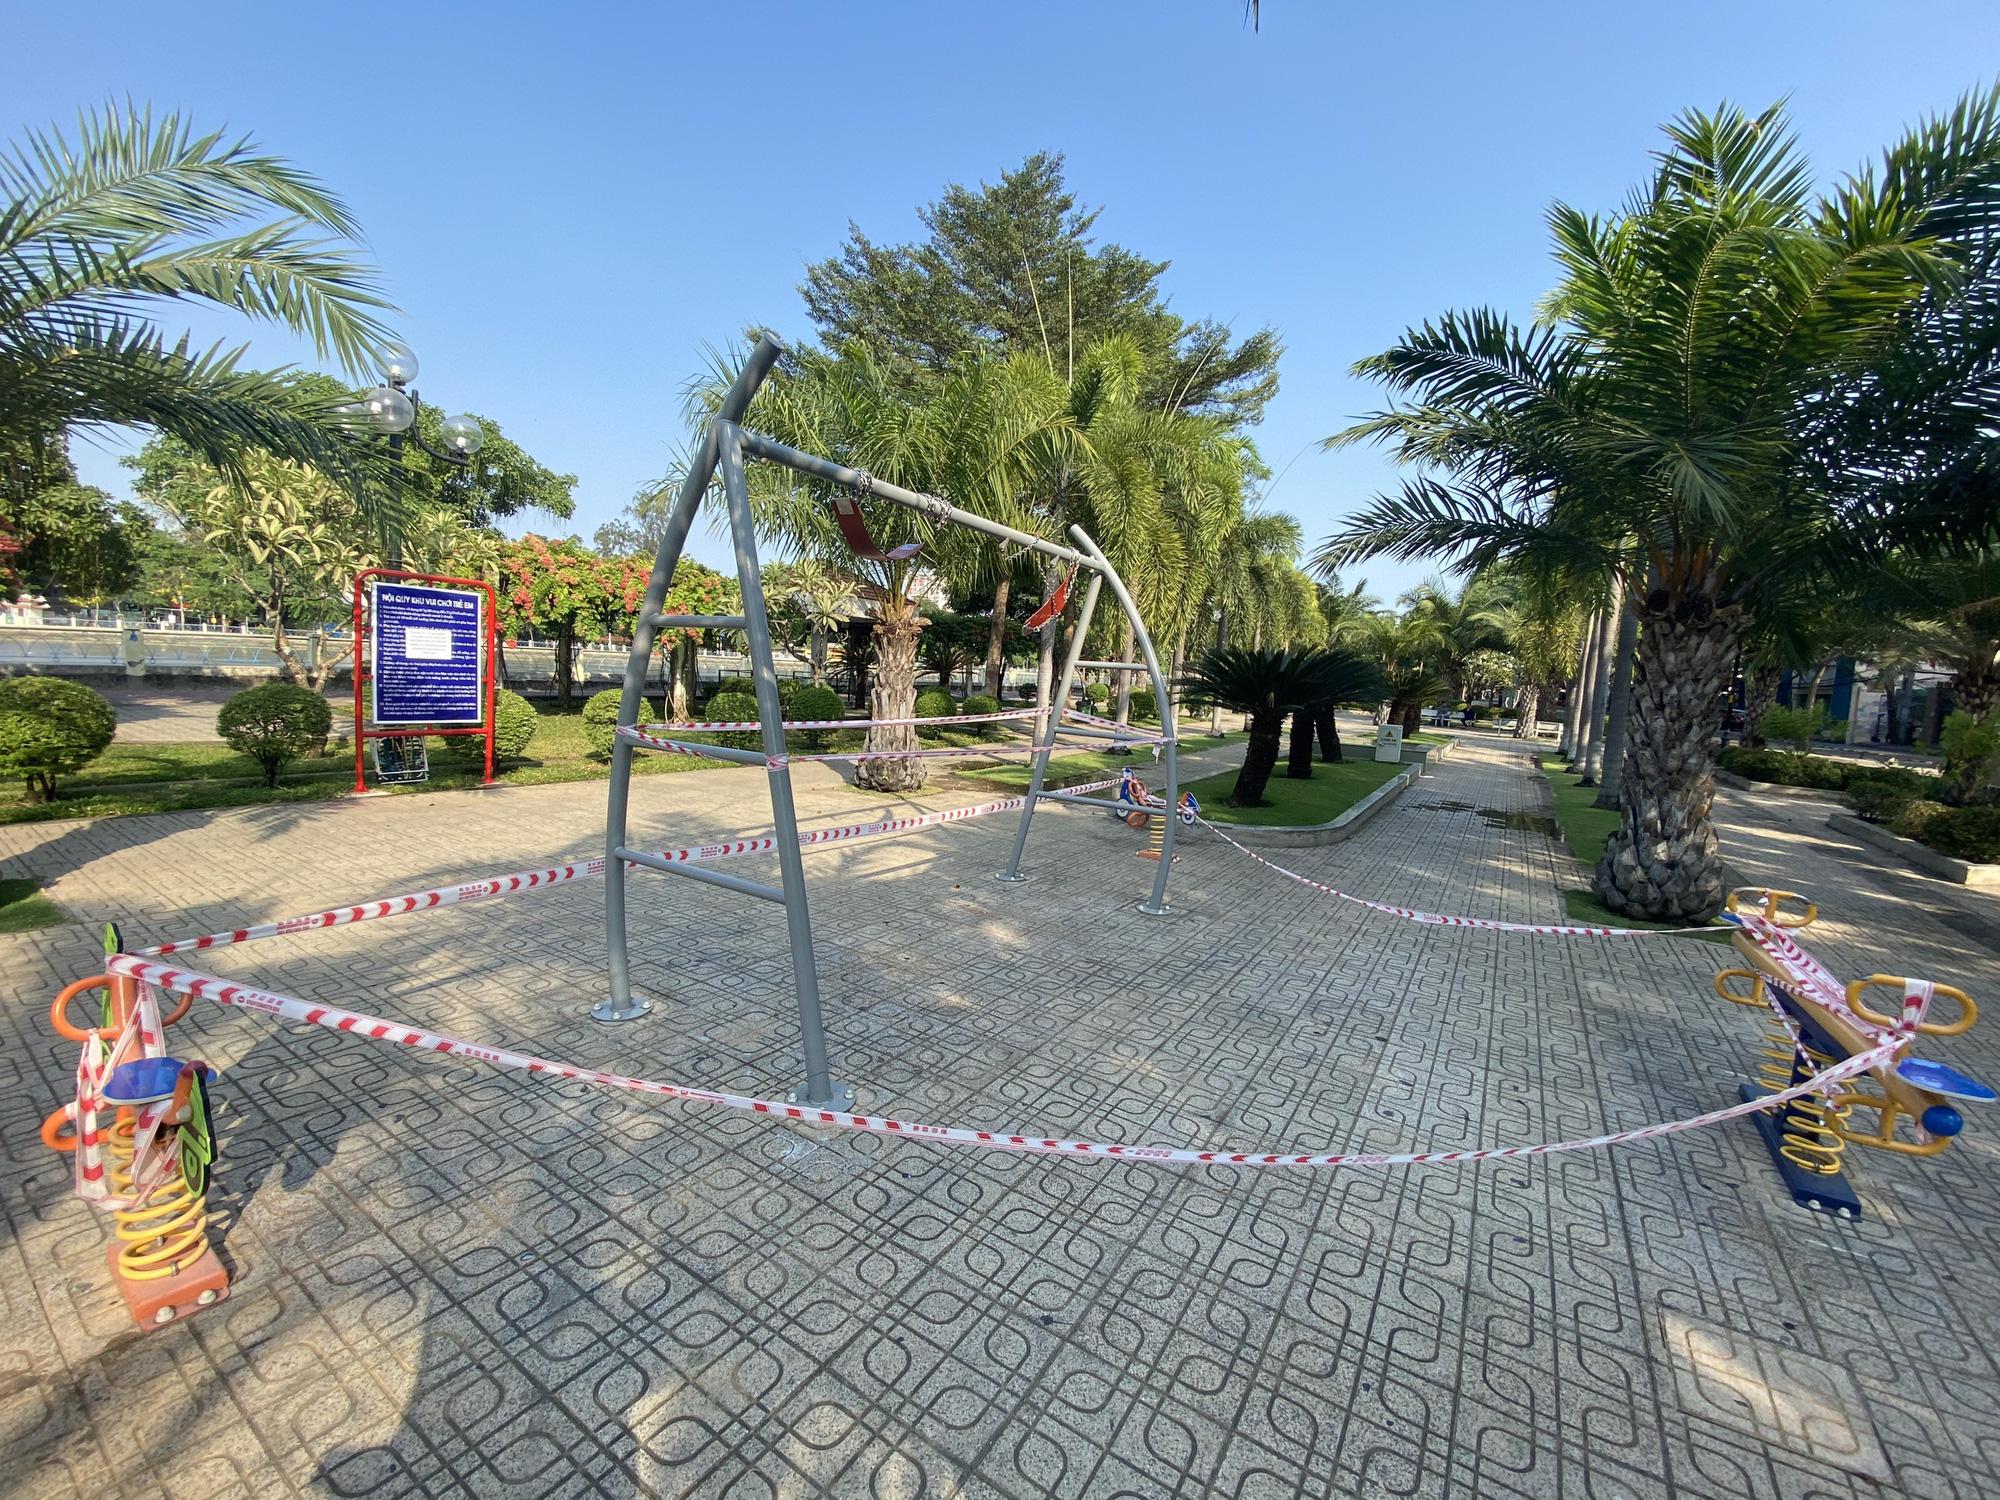 TP.HCM: Sân chơi công viên vắng ngắt, máy tập thể dục bị niêm phong sau lệnh tạm ngưng hoạt động phòng chống dịch Covid-19 - Ảnh 14.